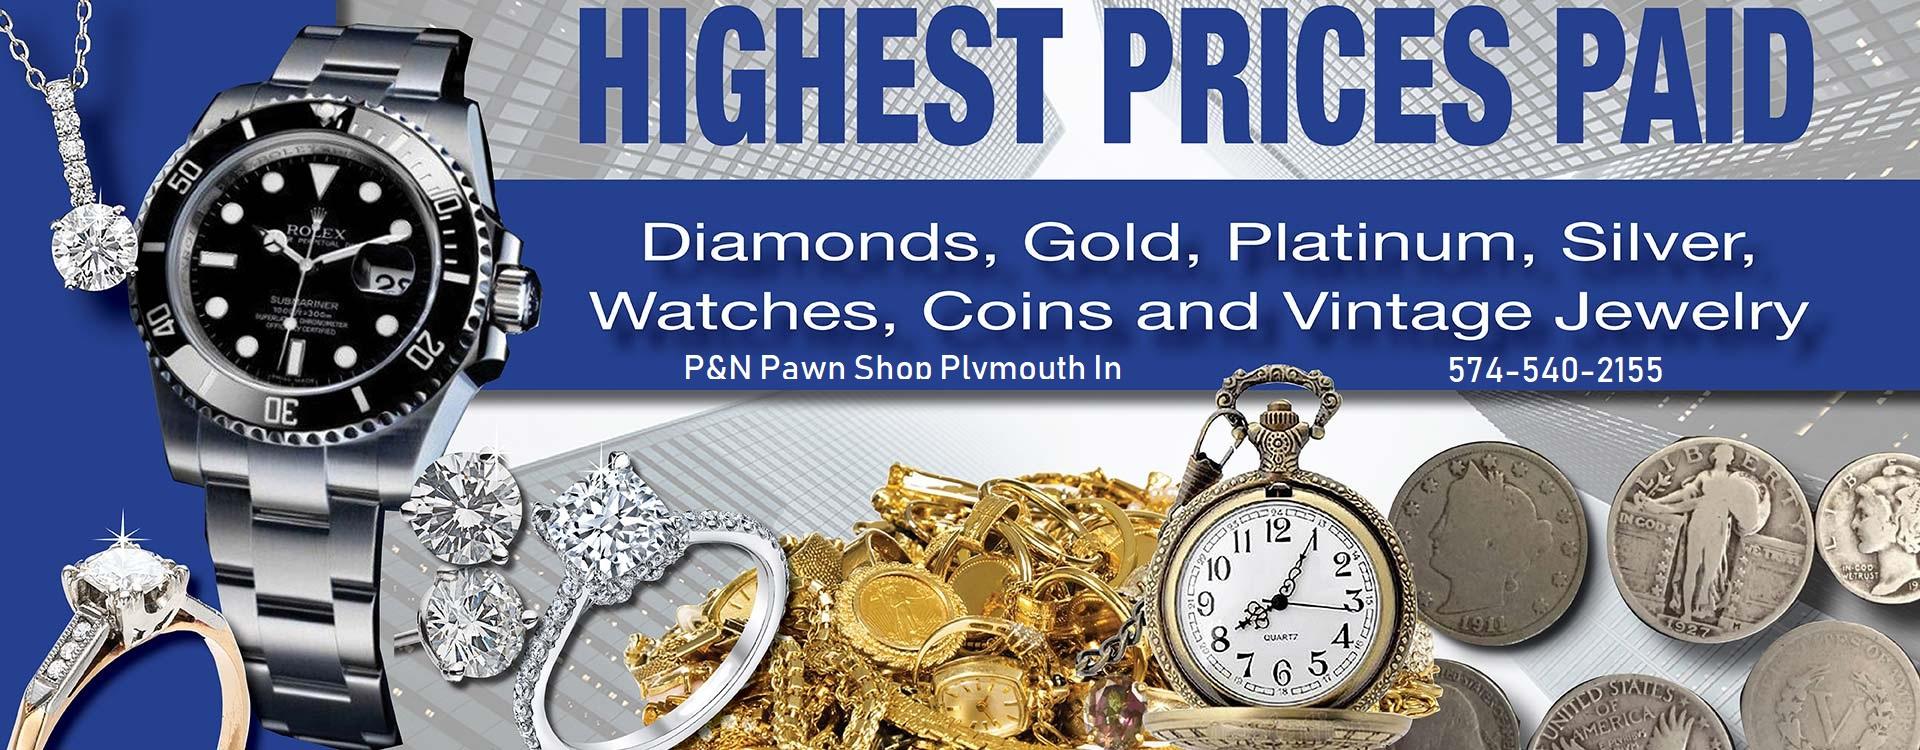 PN Pawn Shop